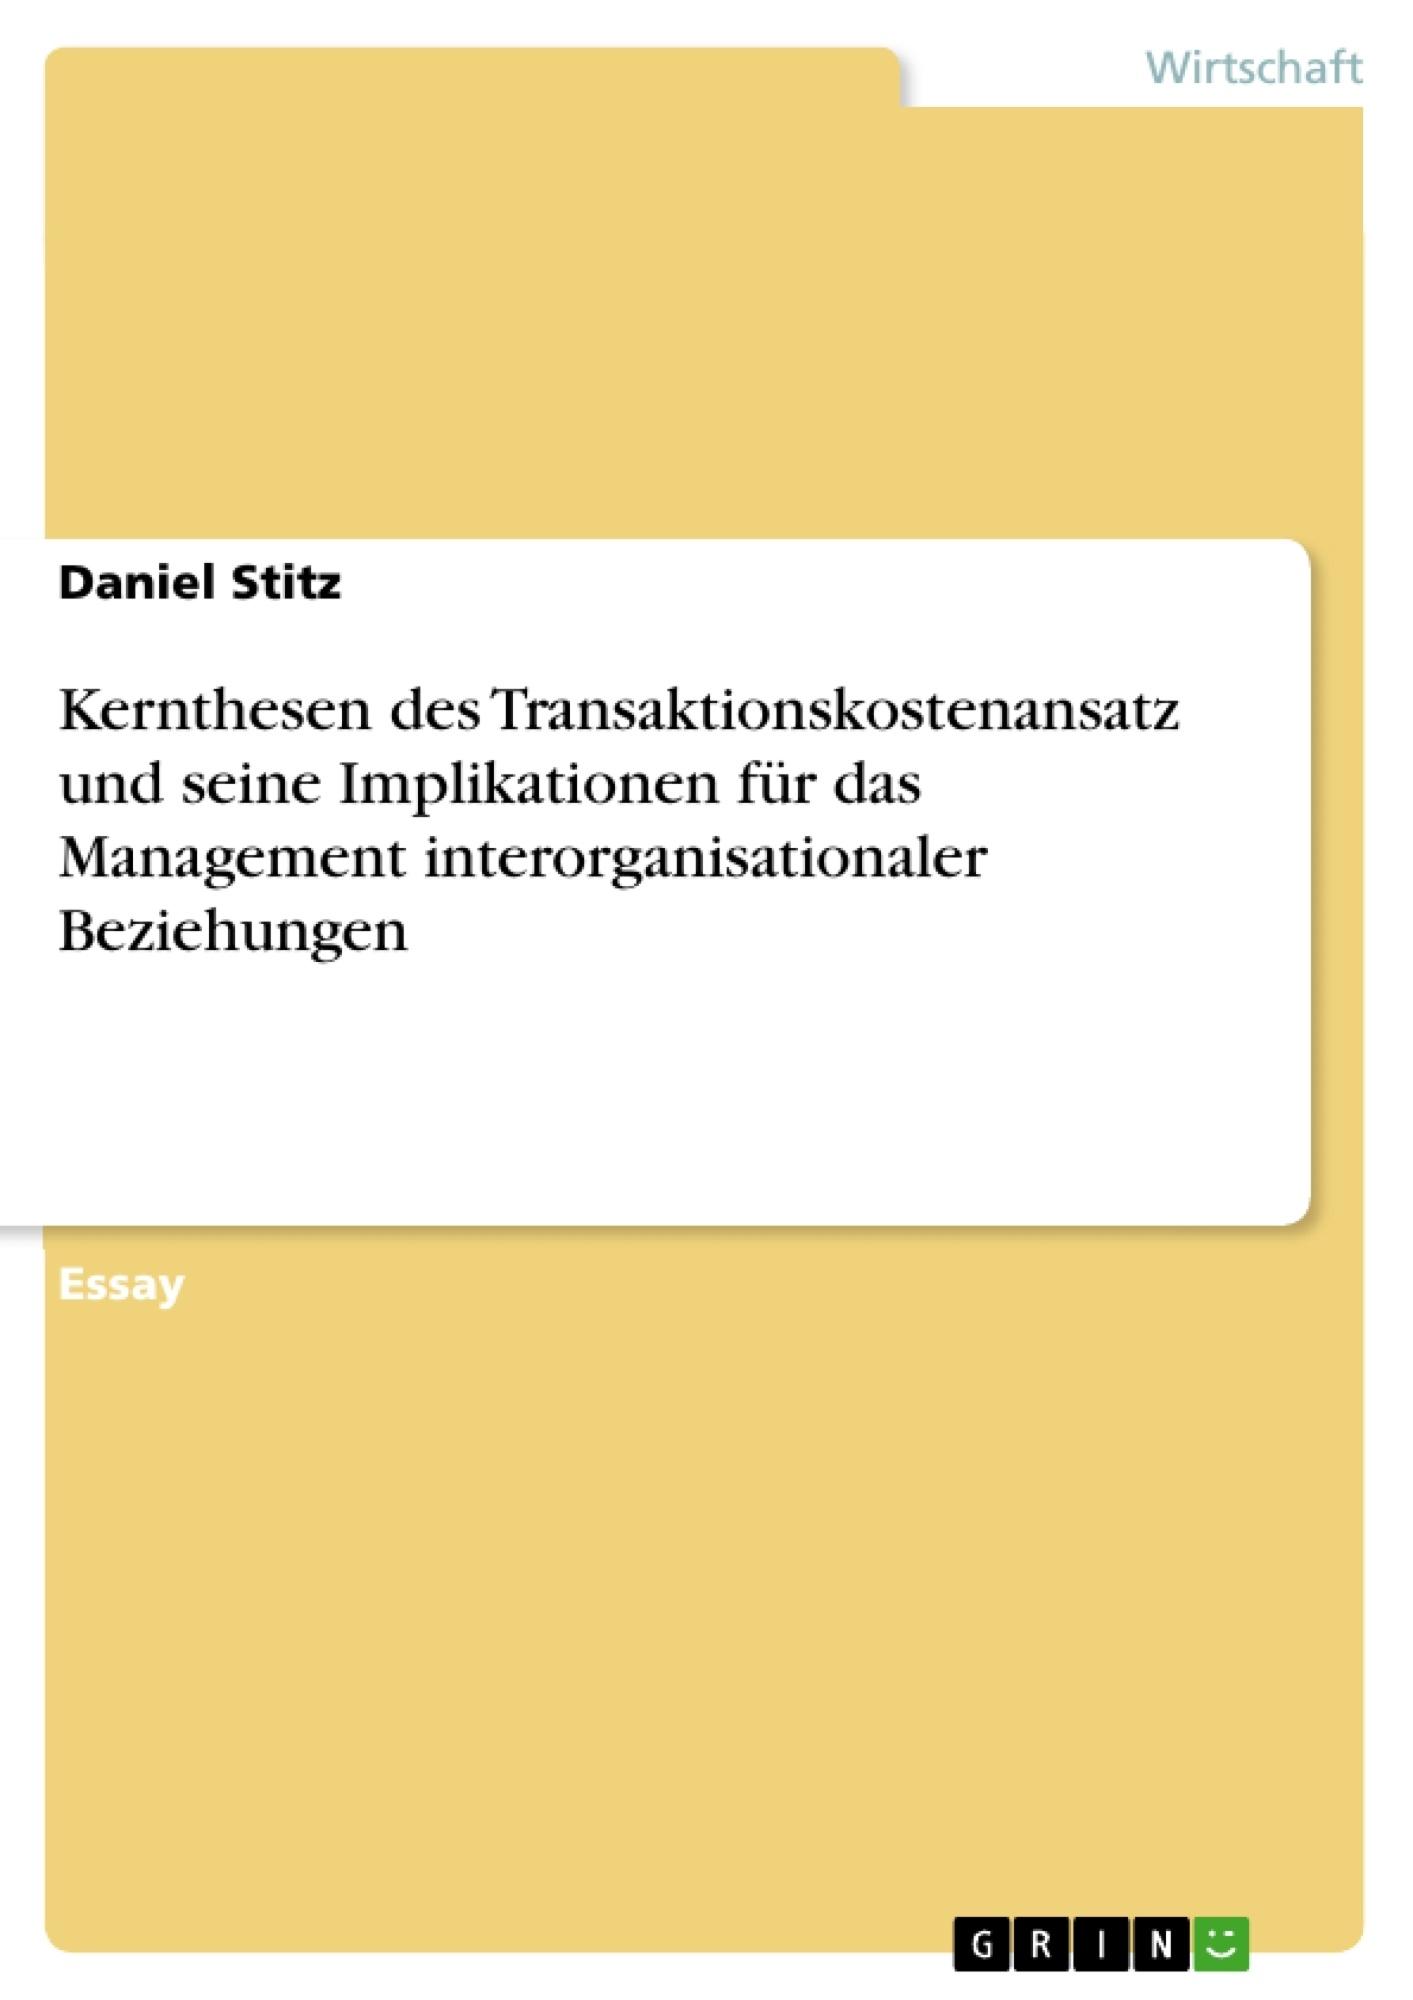 Titel: Kernthesen des Transaktionskostenansatz und seine Implikationen für das Management interorganisationaler Beziehungen